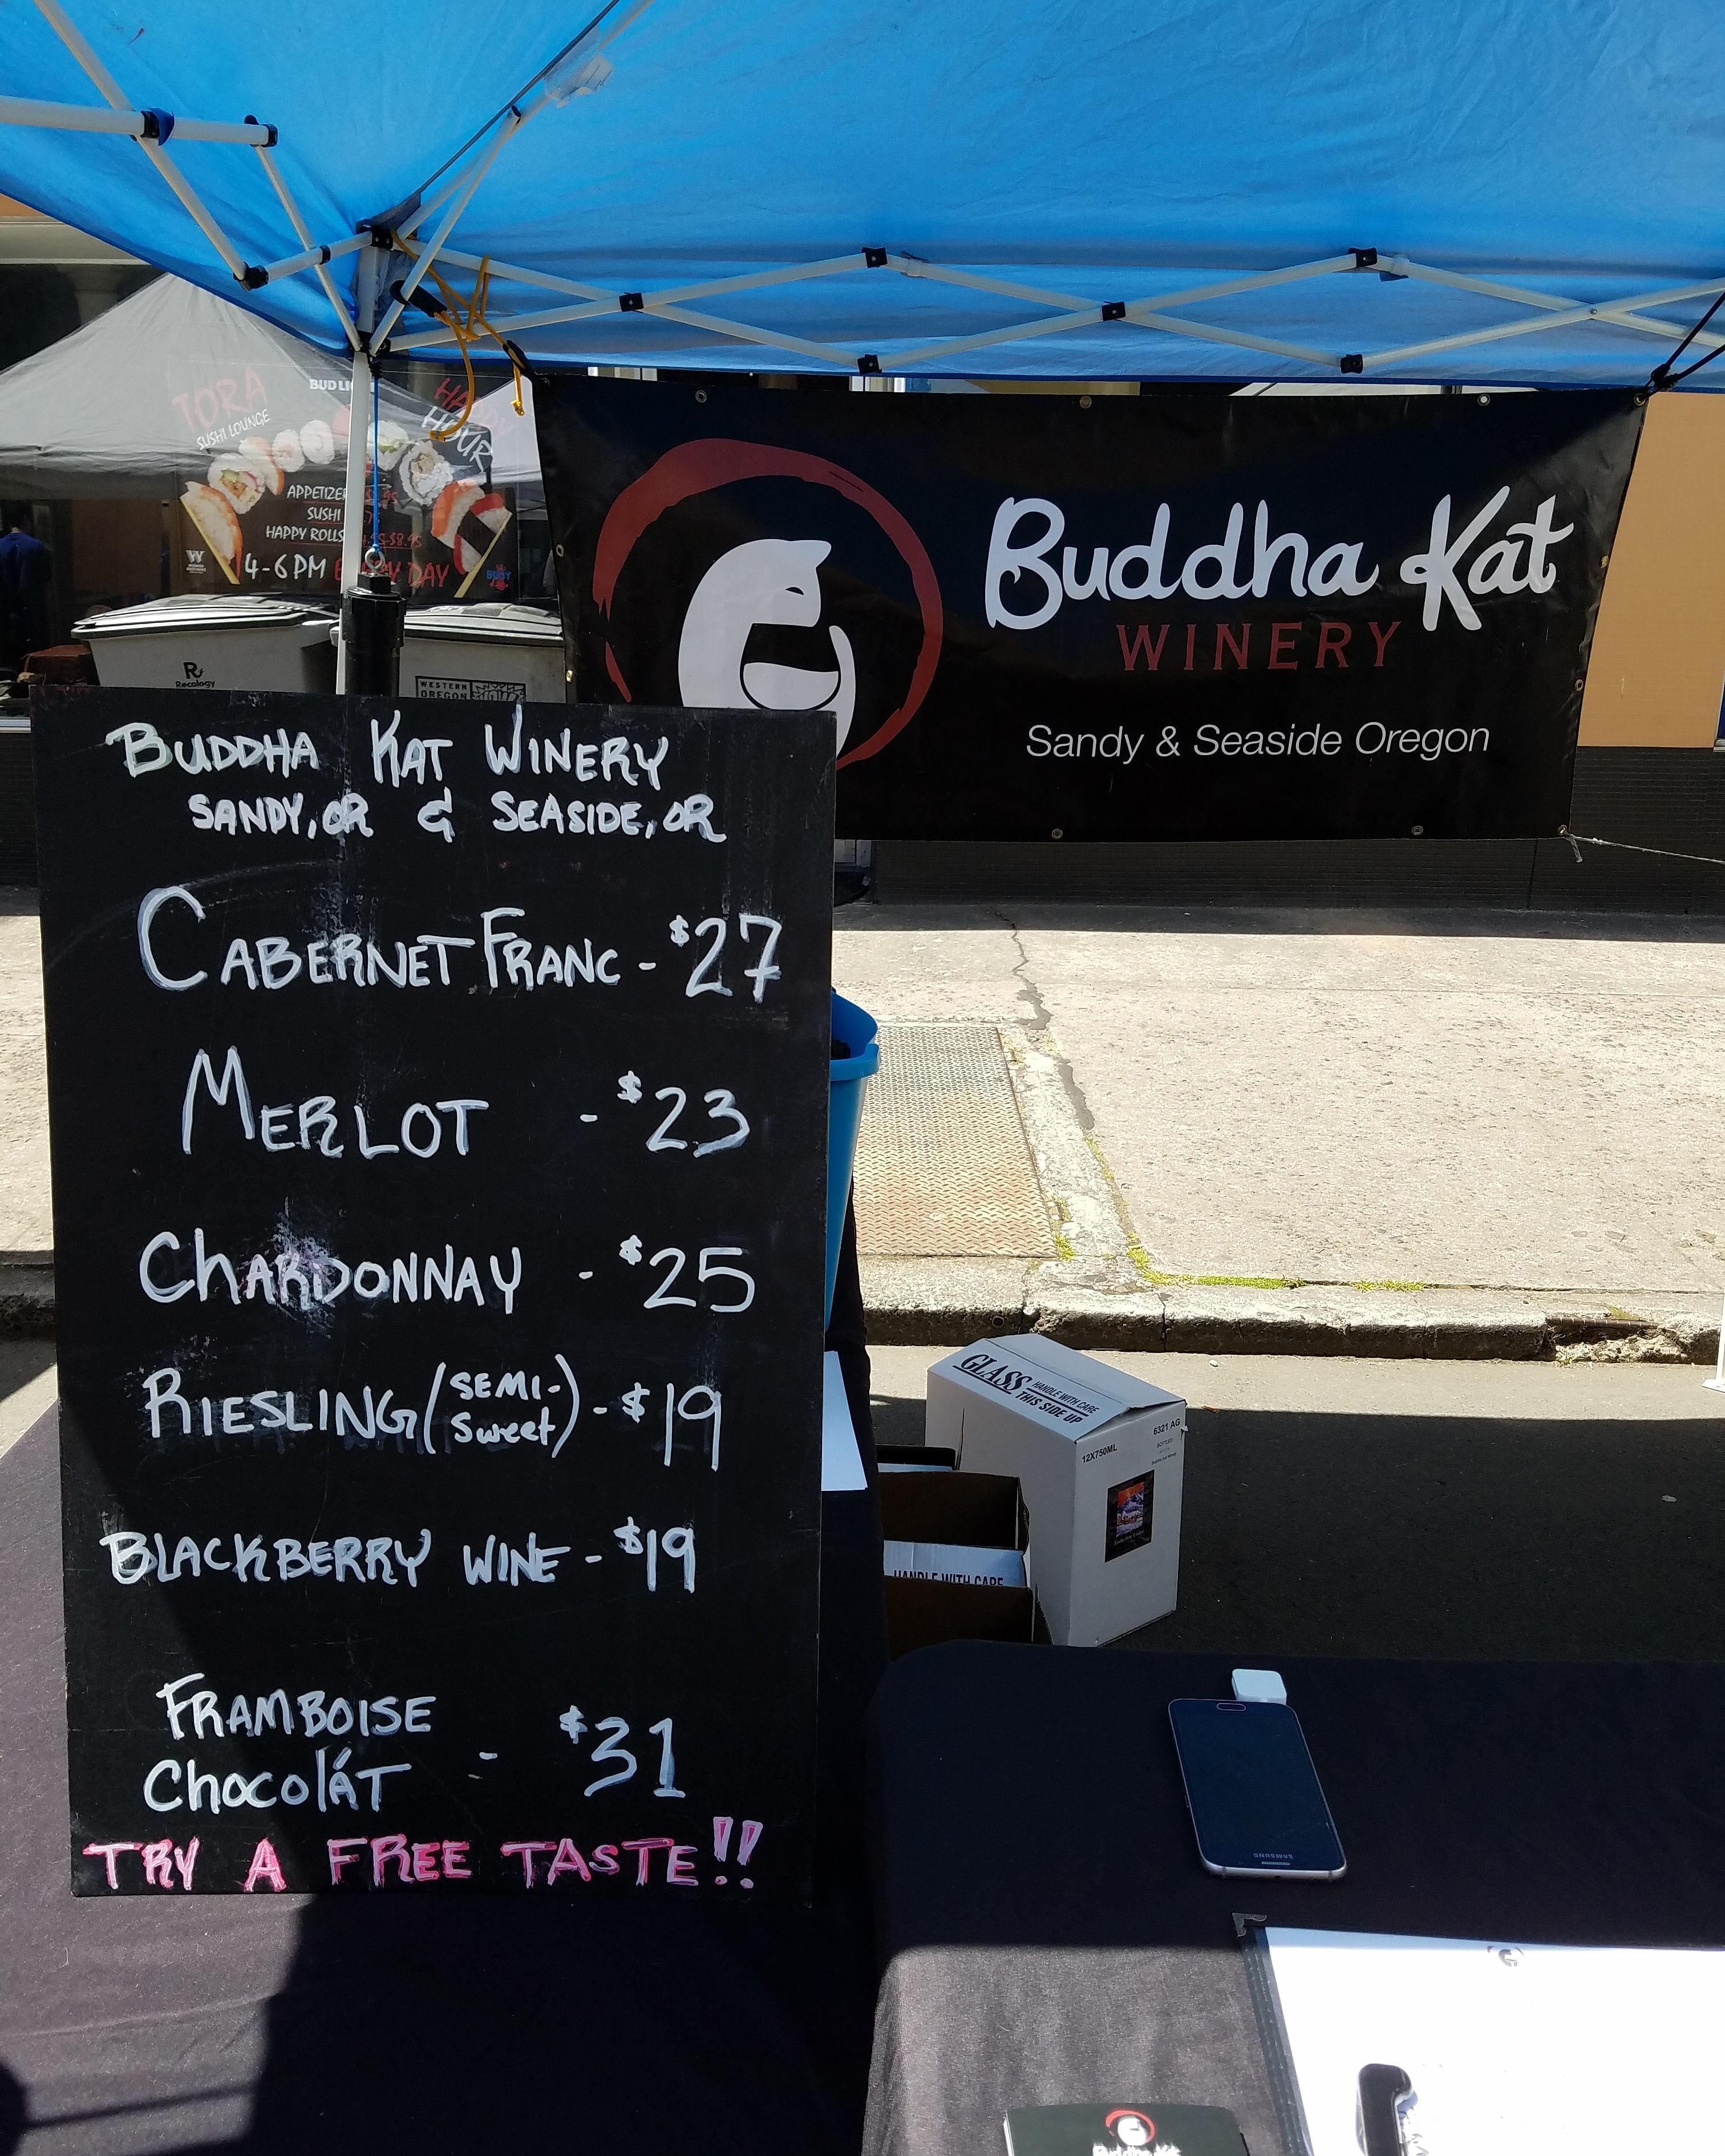 Buddha Kat Winery